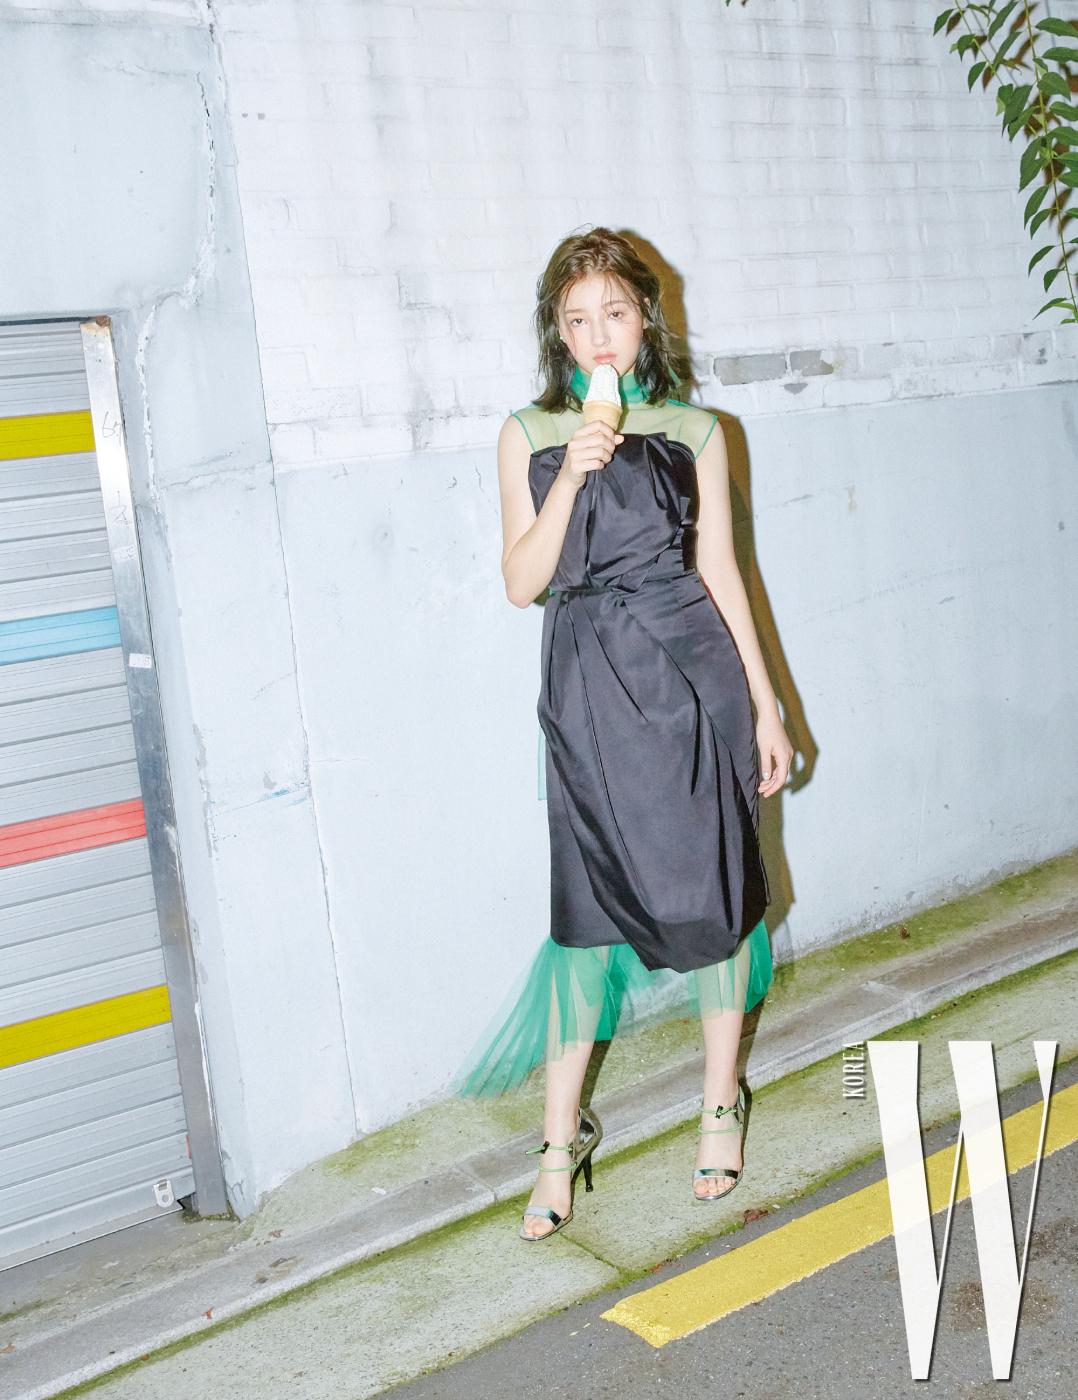 낸시가 입은 나일론 소재 톱과 스커트, 안에 입은 녹색 망사 원피스, 스포티한 디자인의 힐은 모두 프라다 제품.